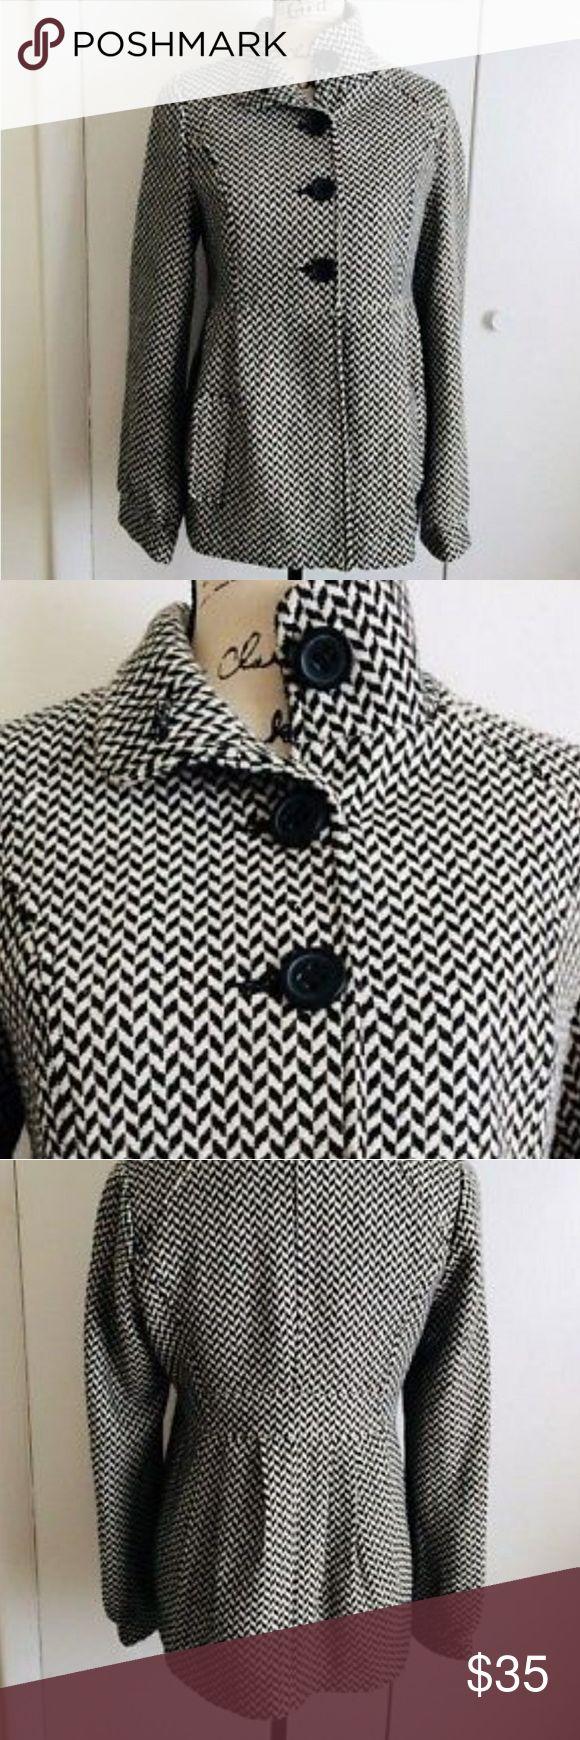 Jack BB Dakota Herringbone Jacket Black and white herringbone  2 Pockets  Cuffed sleeves Size xs Jack by BB Dakota Jackets & Coats